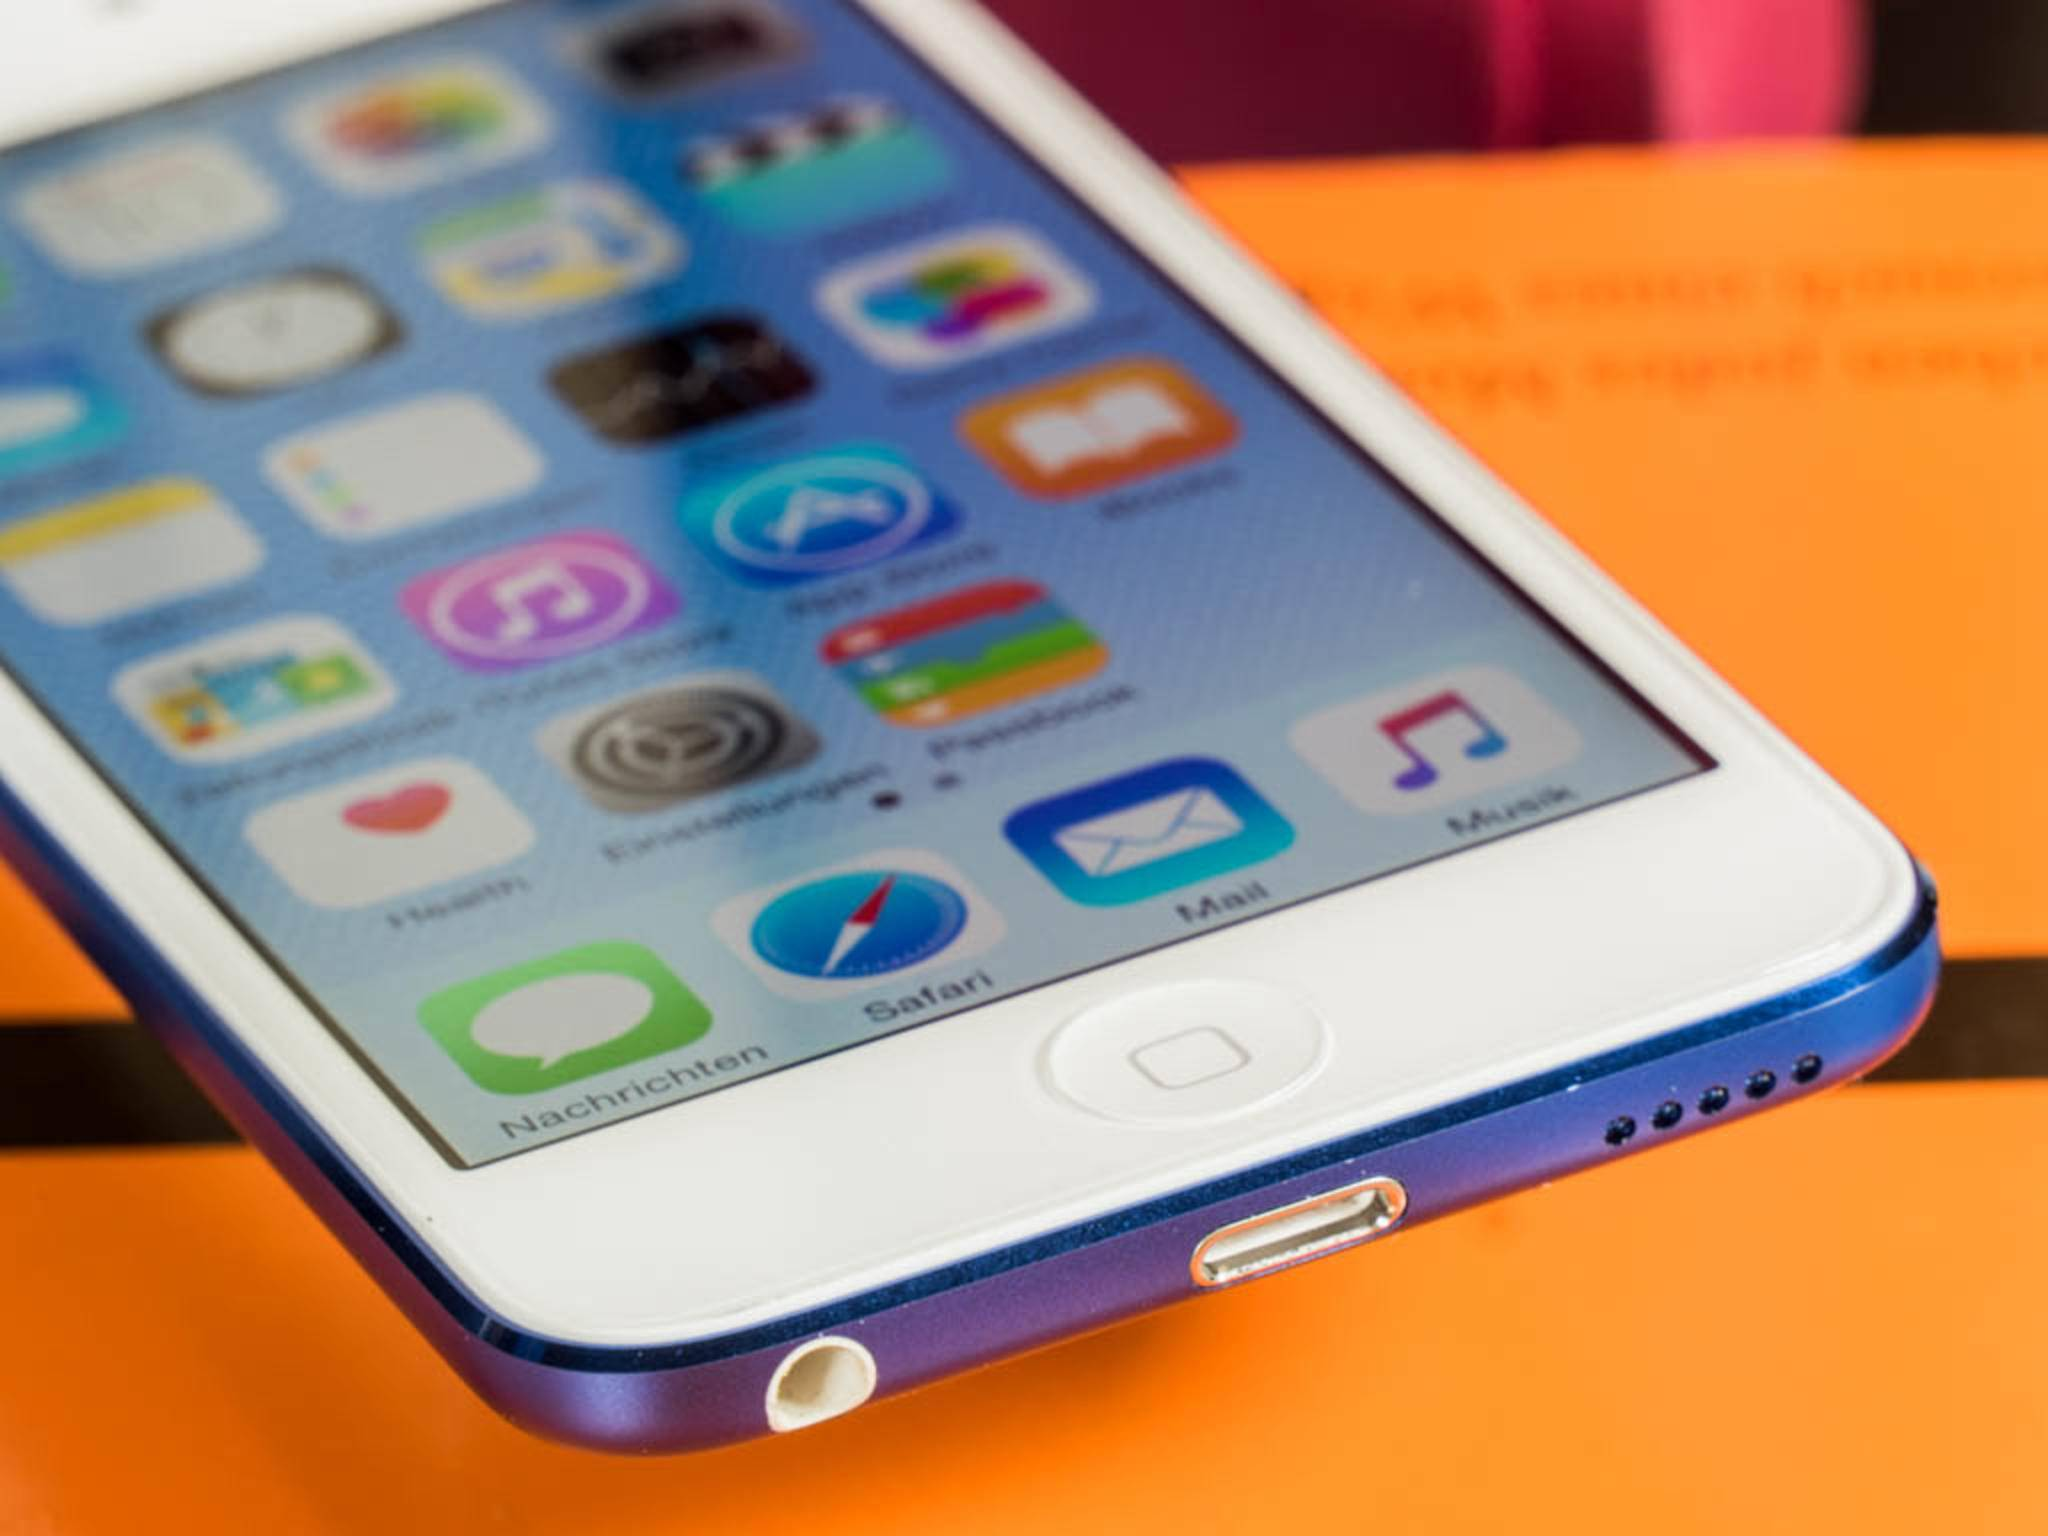 Das Display des iPod touch 6G ist immer noch 4 Zoll groß.